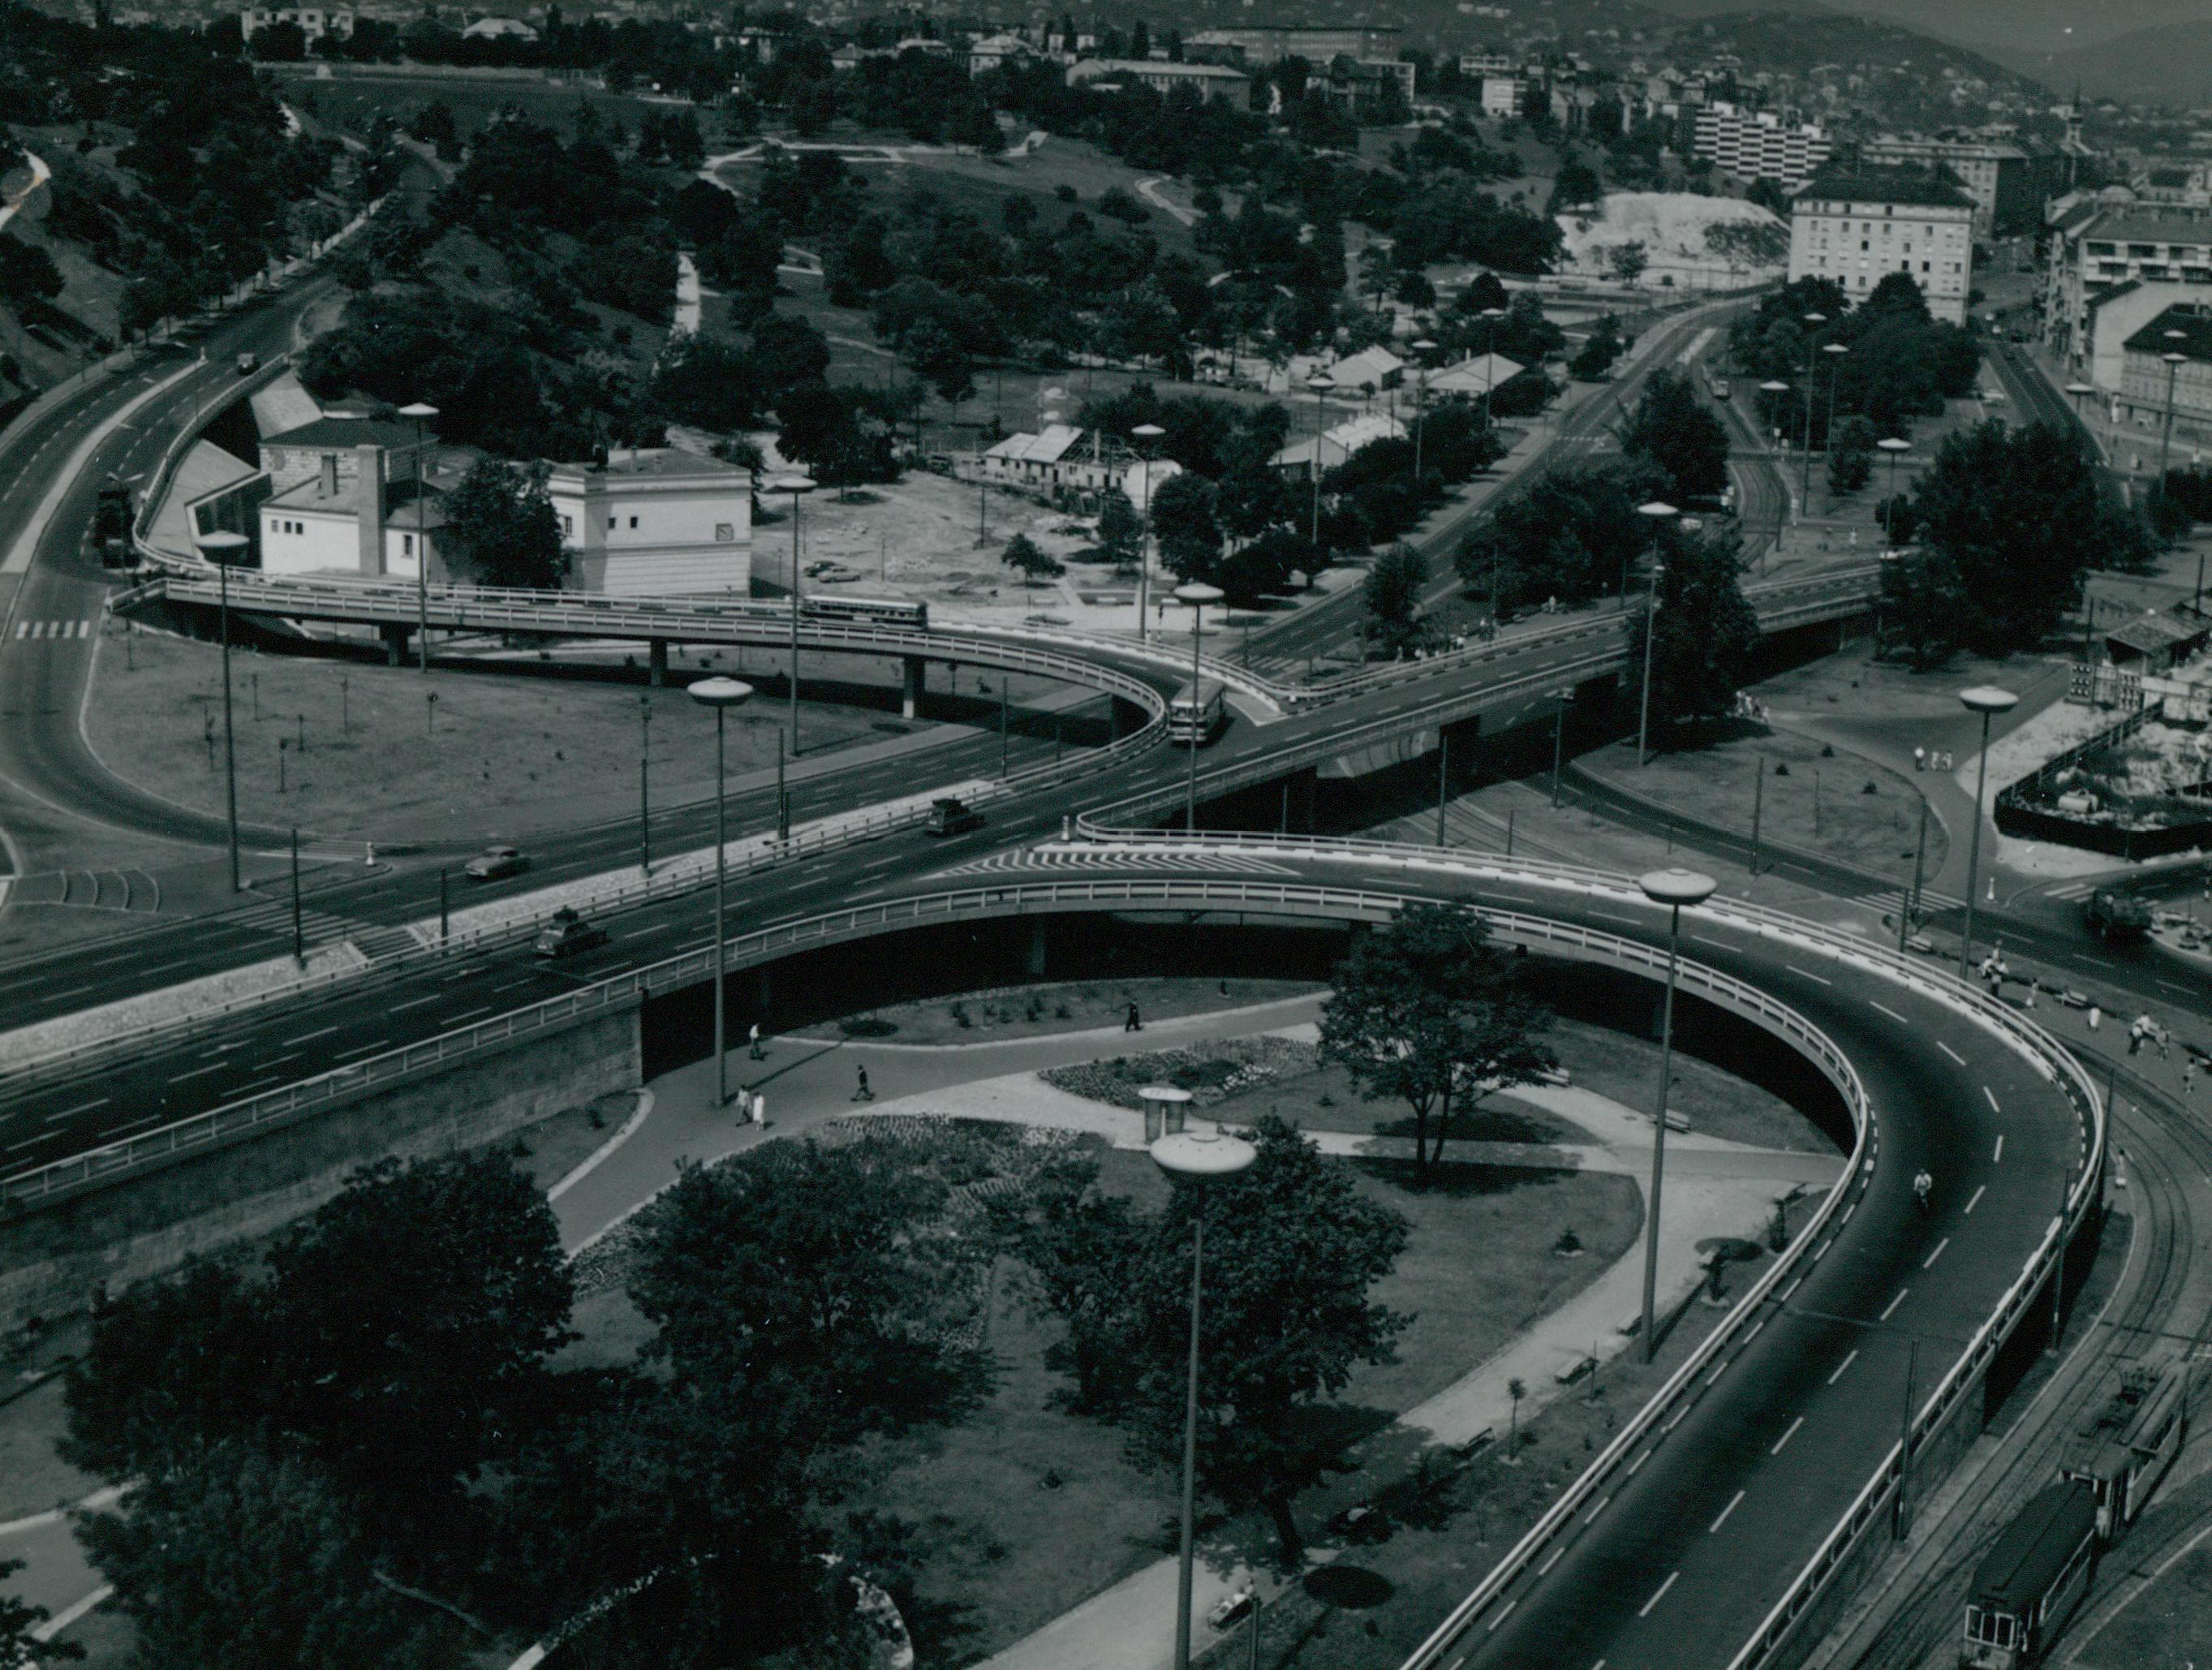 Az Erzsébet híd budai hídfőjénél lévő közlekedési csomópont